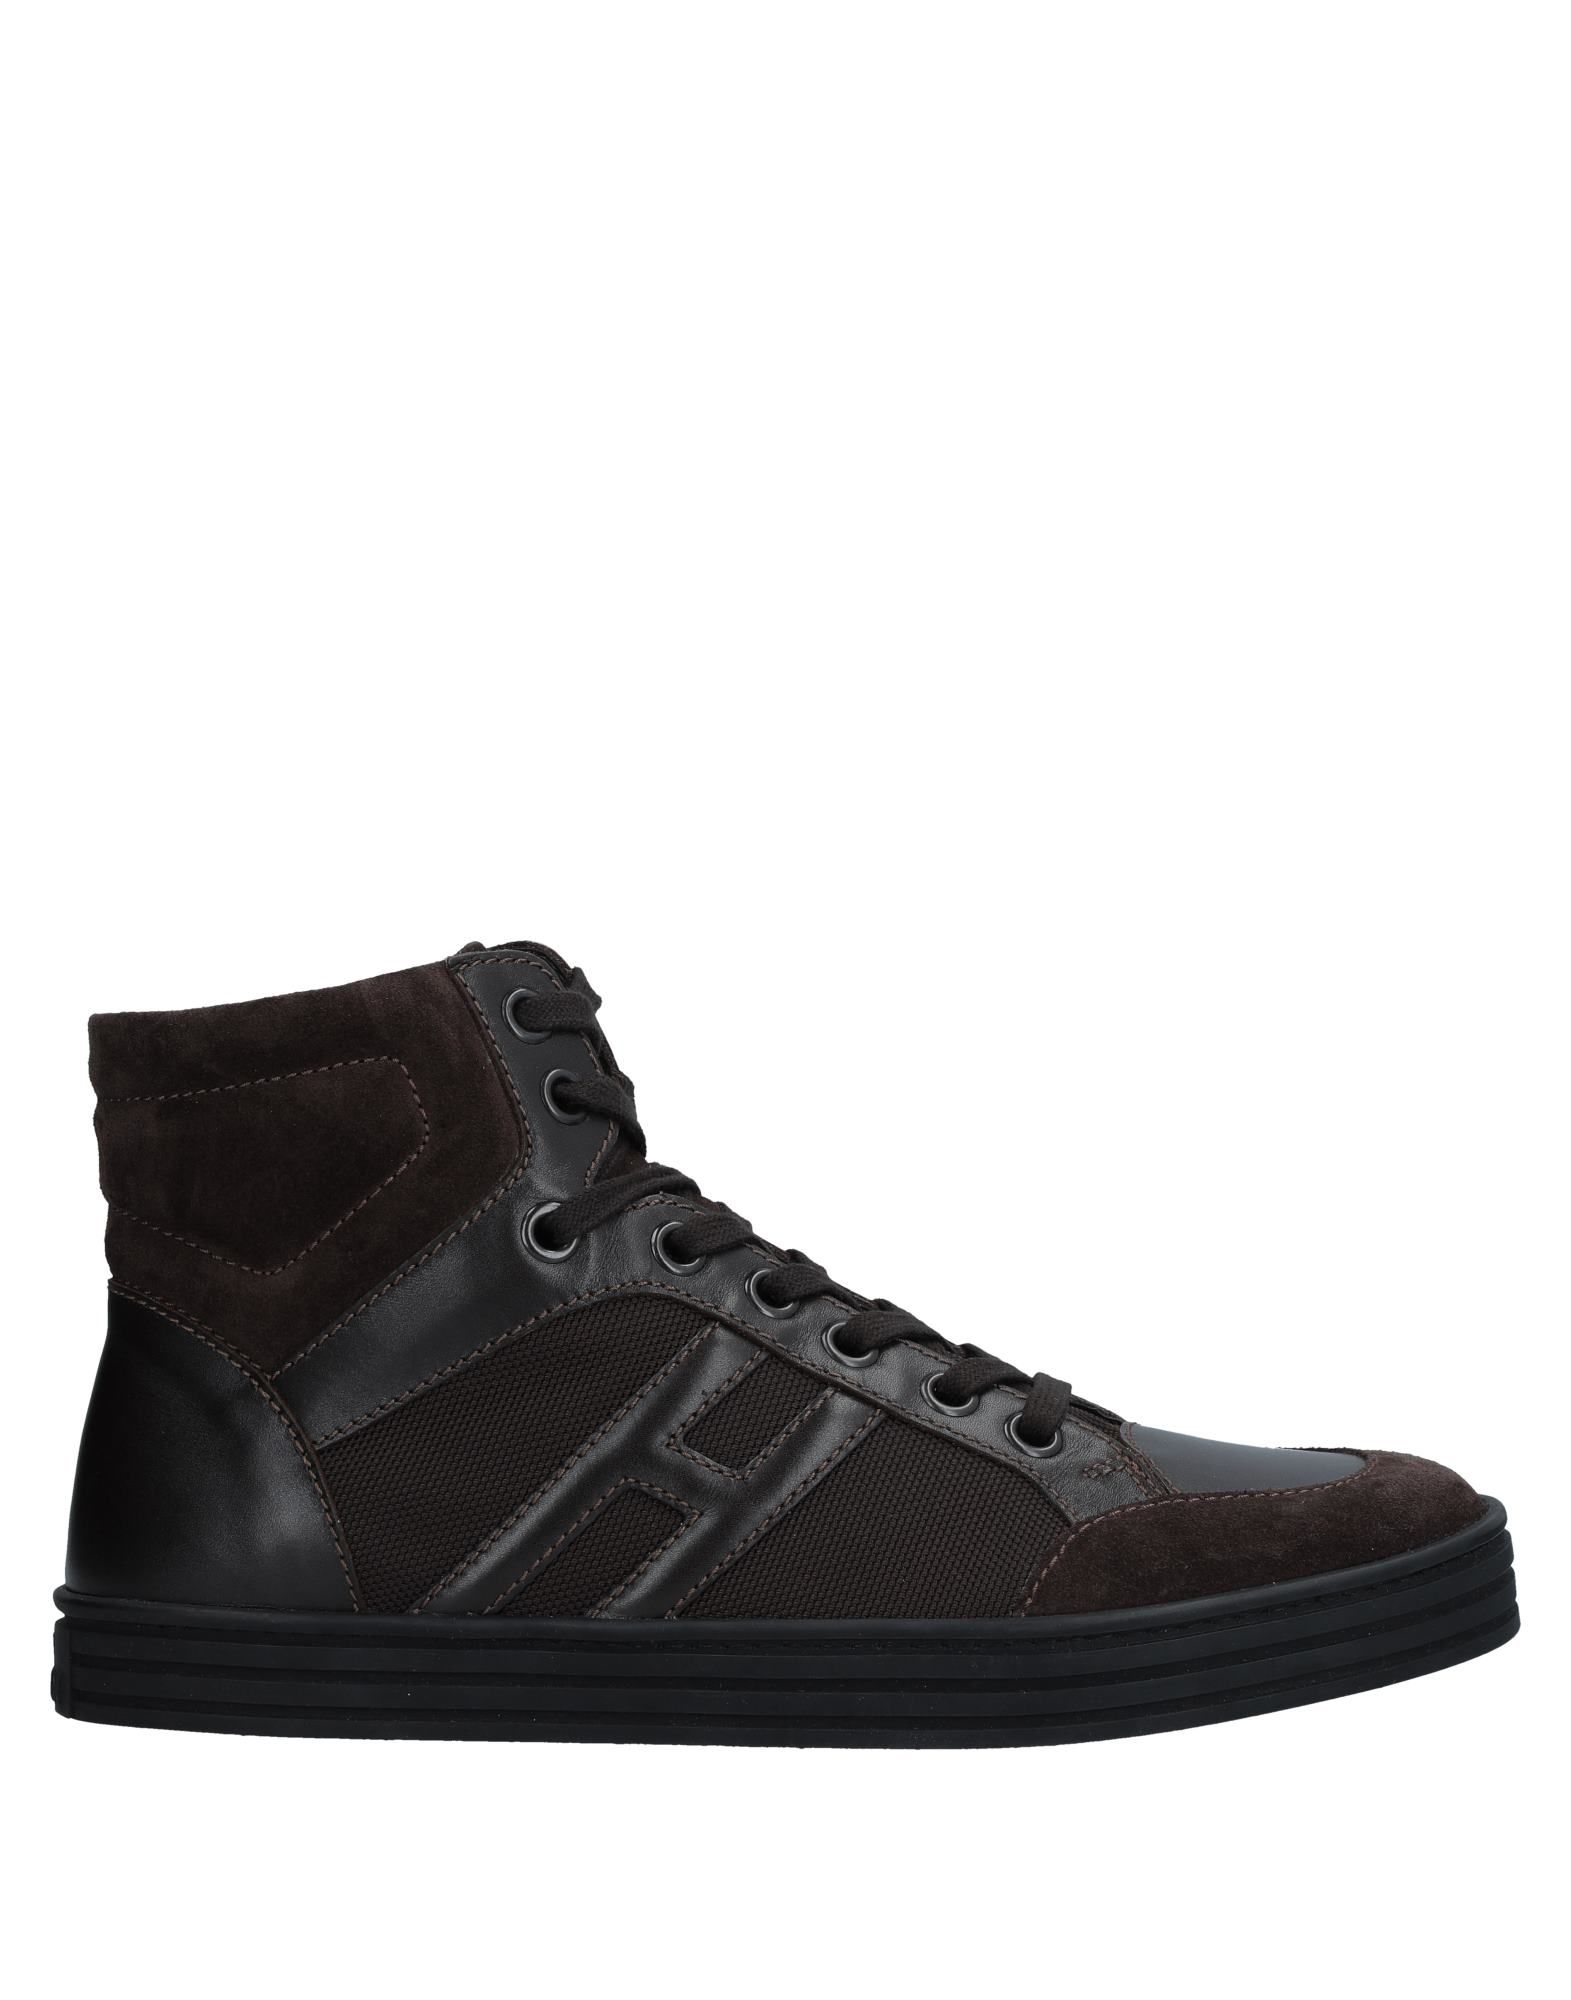 Hogan Rebel Sneakers Herren  11541664XB Gute Qualität beliebte Schuhe